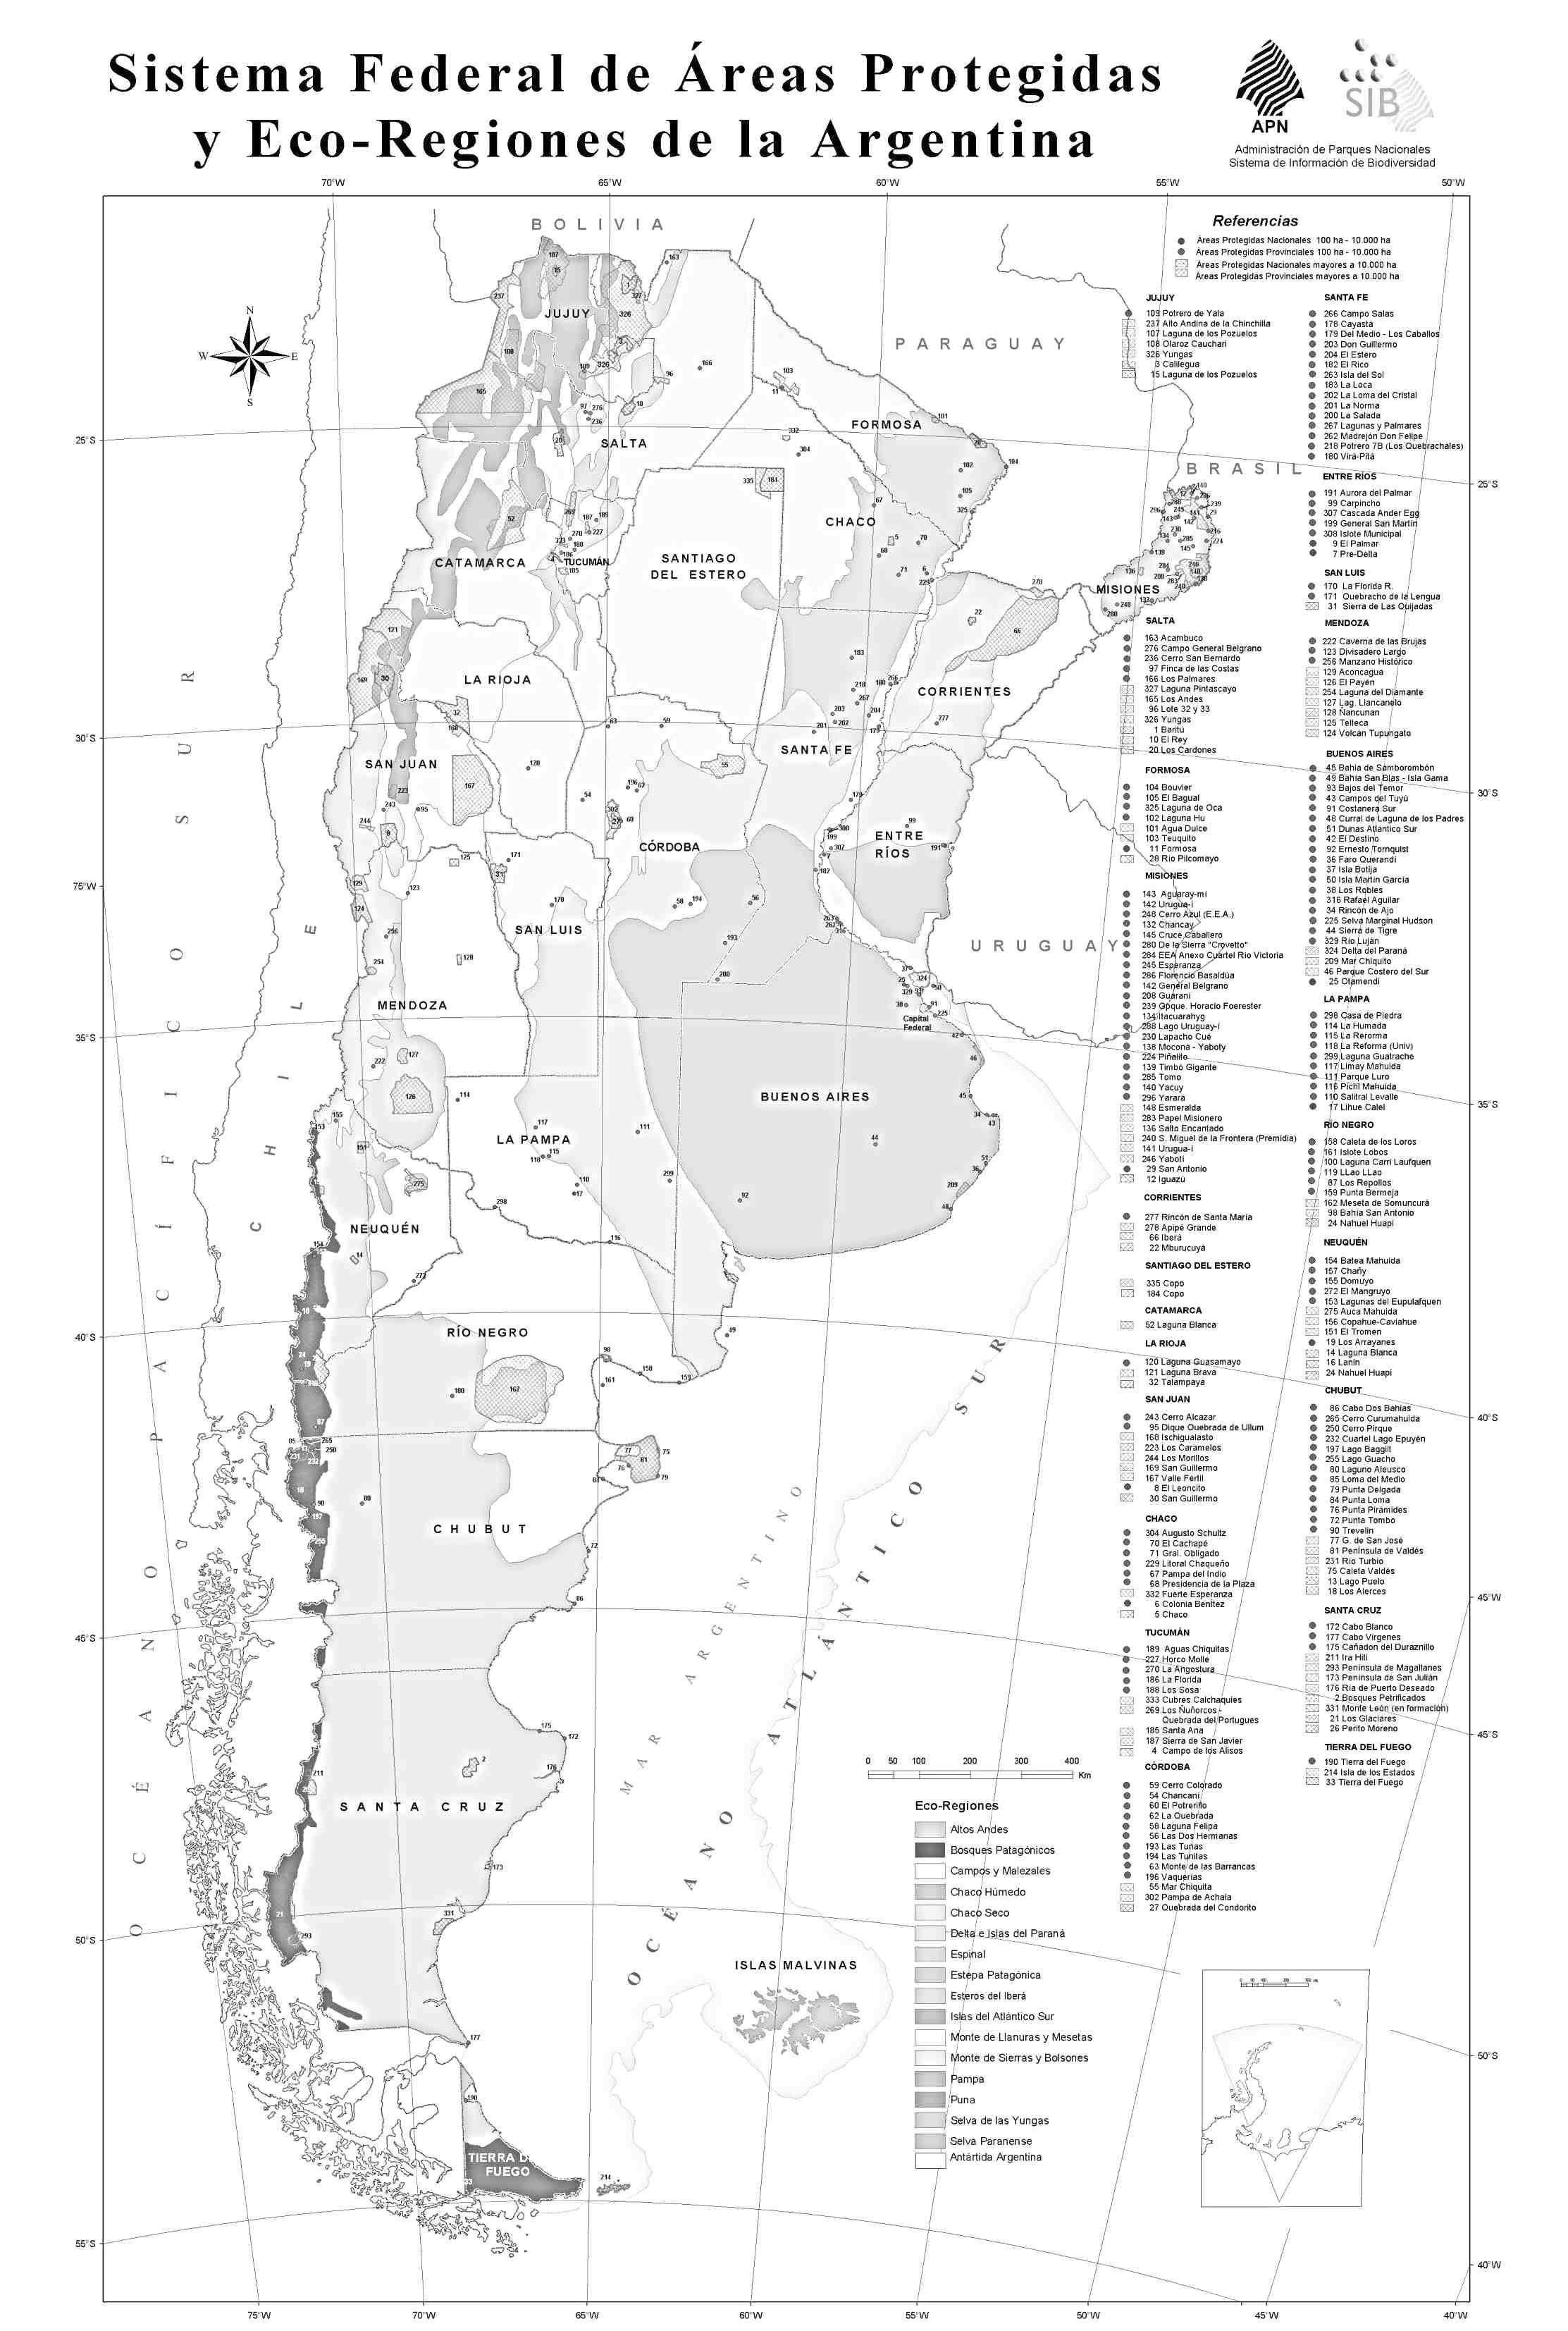 MAPAS-MURALES « PARA JEFATURAS REGIONALES Y DISTRITALES